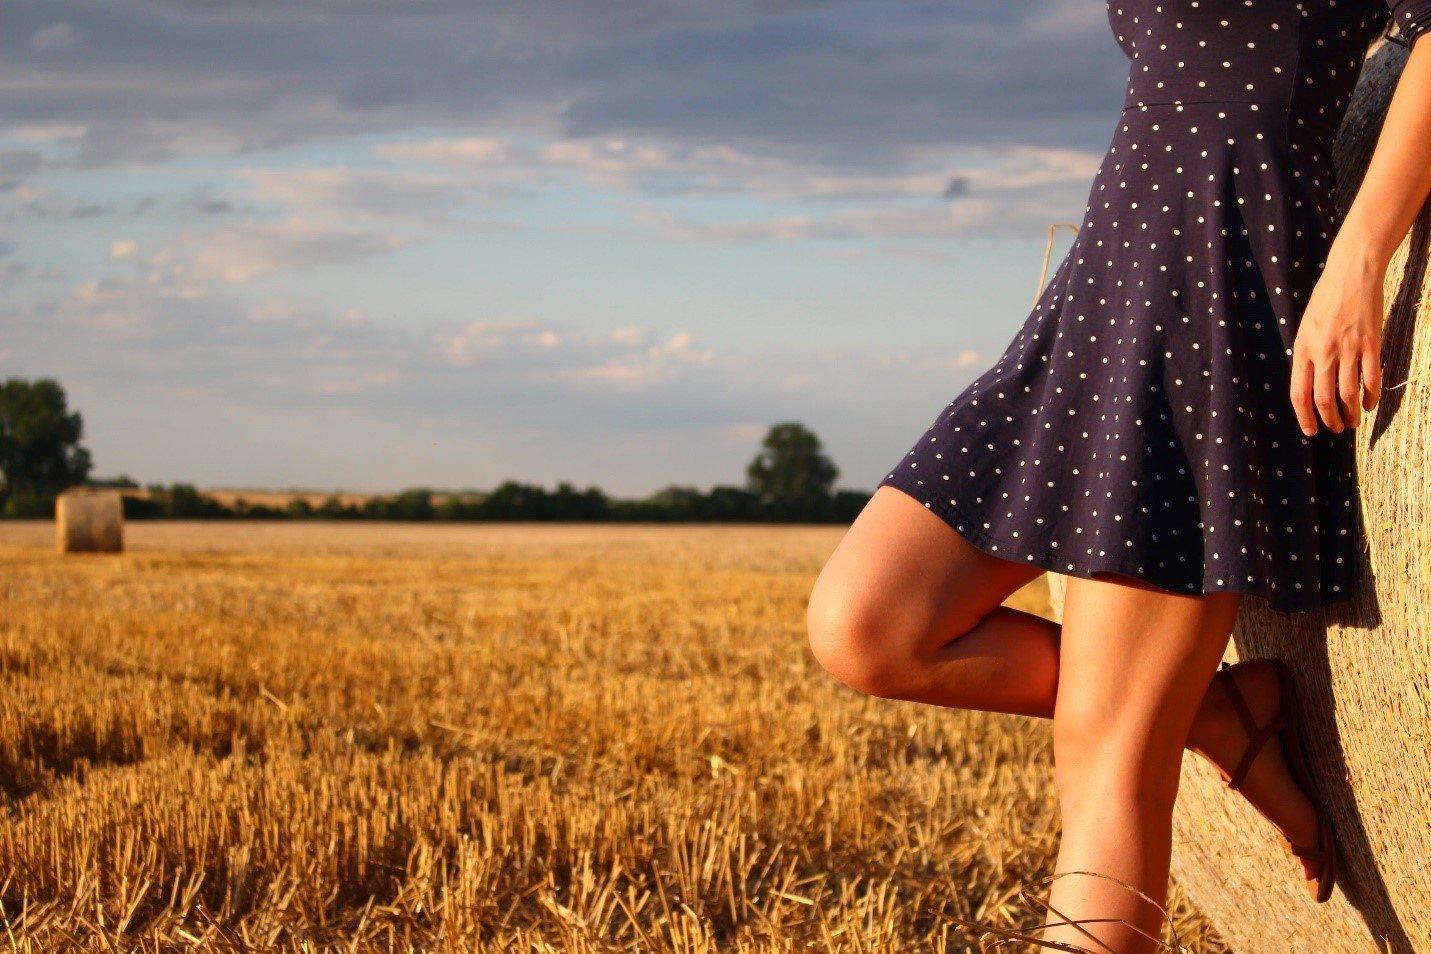 A woman wearing a cute summer dress